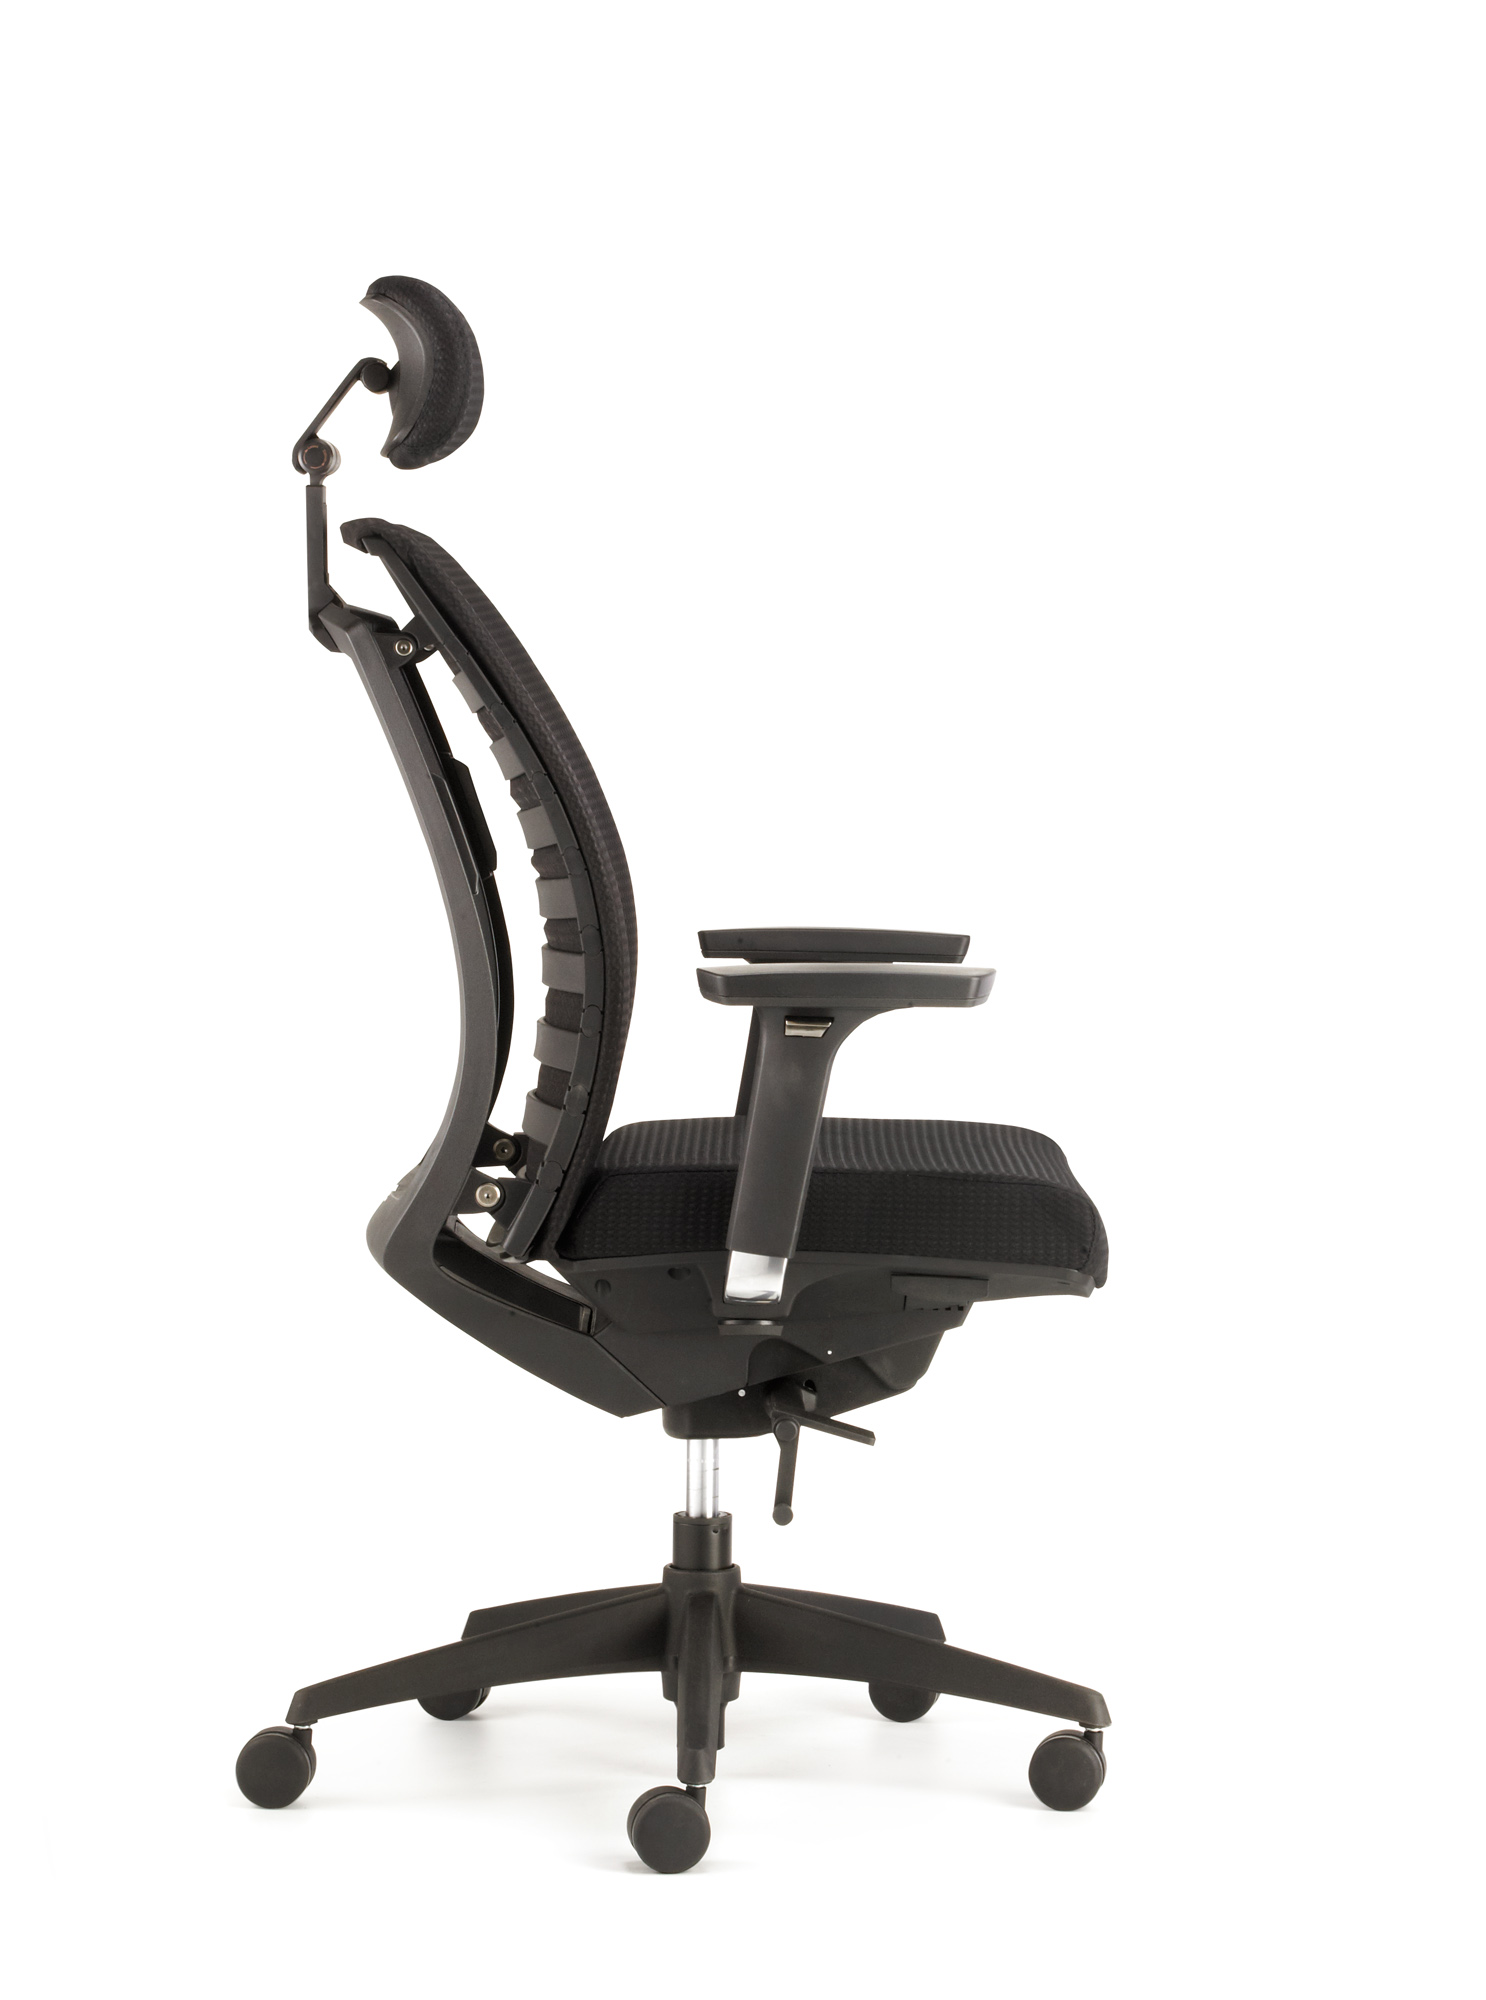 COMO Drehstuhl mit 4D-Armlehnen, Kopfstütze, Sitztiefenverstellung und WAS-Kunststoff-Rücken